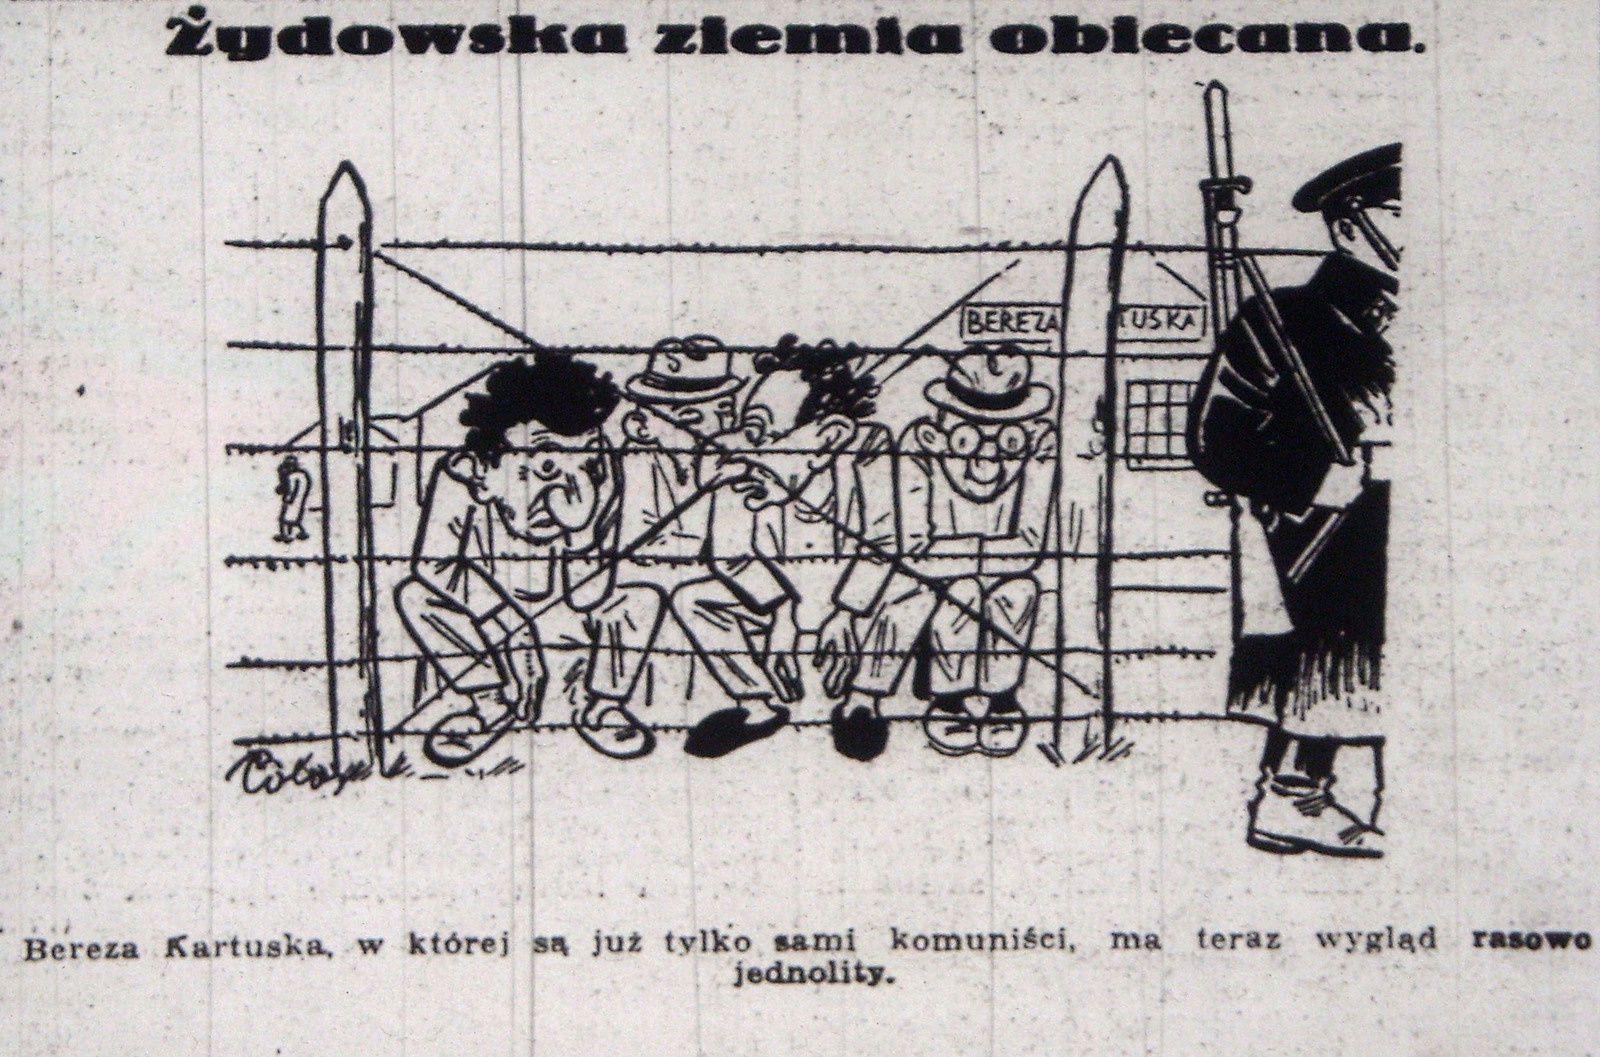 Polo [Paweł Griniow], La Terre promise des Juifs (1936). Juifs communites emprisonnés dans un camps d'isolement de Bereza Kartuska, réservé aux opposants politiques